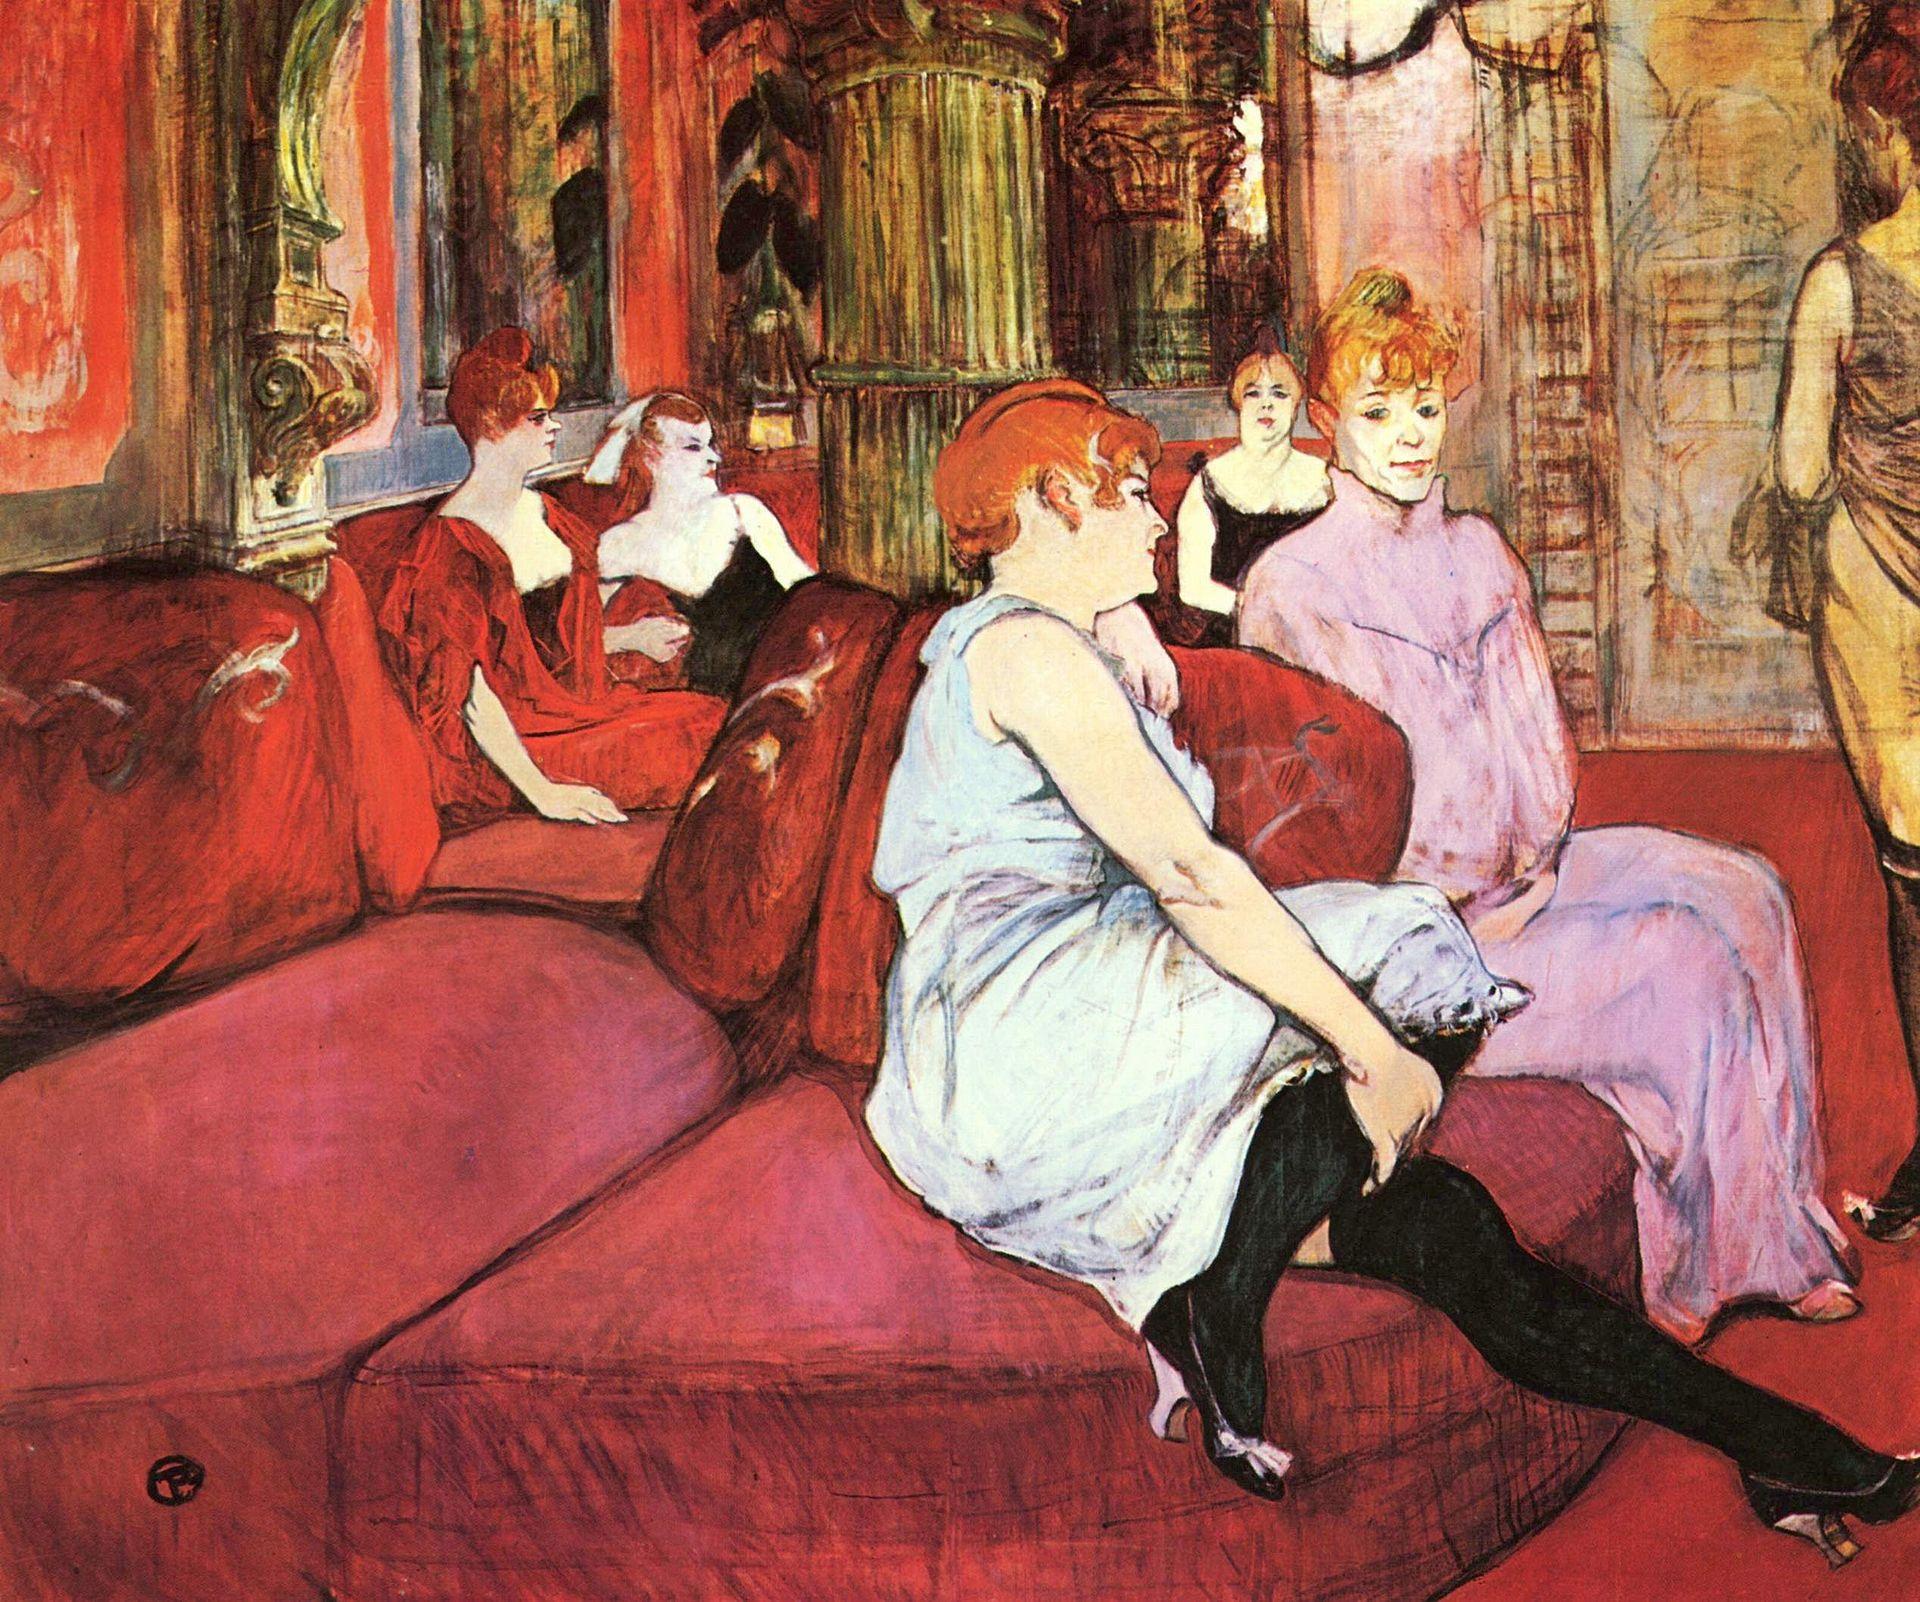 Henri de Toulouse-Lautrec,  The Salon of the Rue des Moulin  s , 1894, Musée Toulouse-Lautrec d'Albi, France.